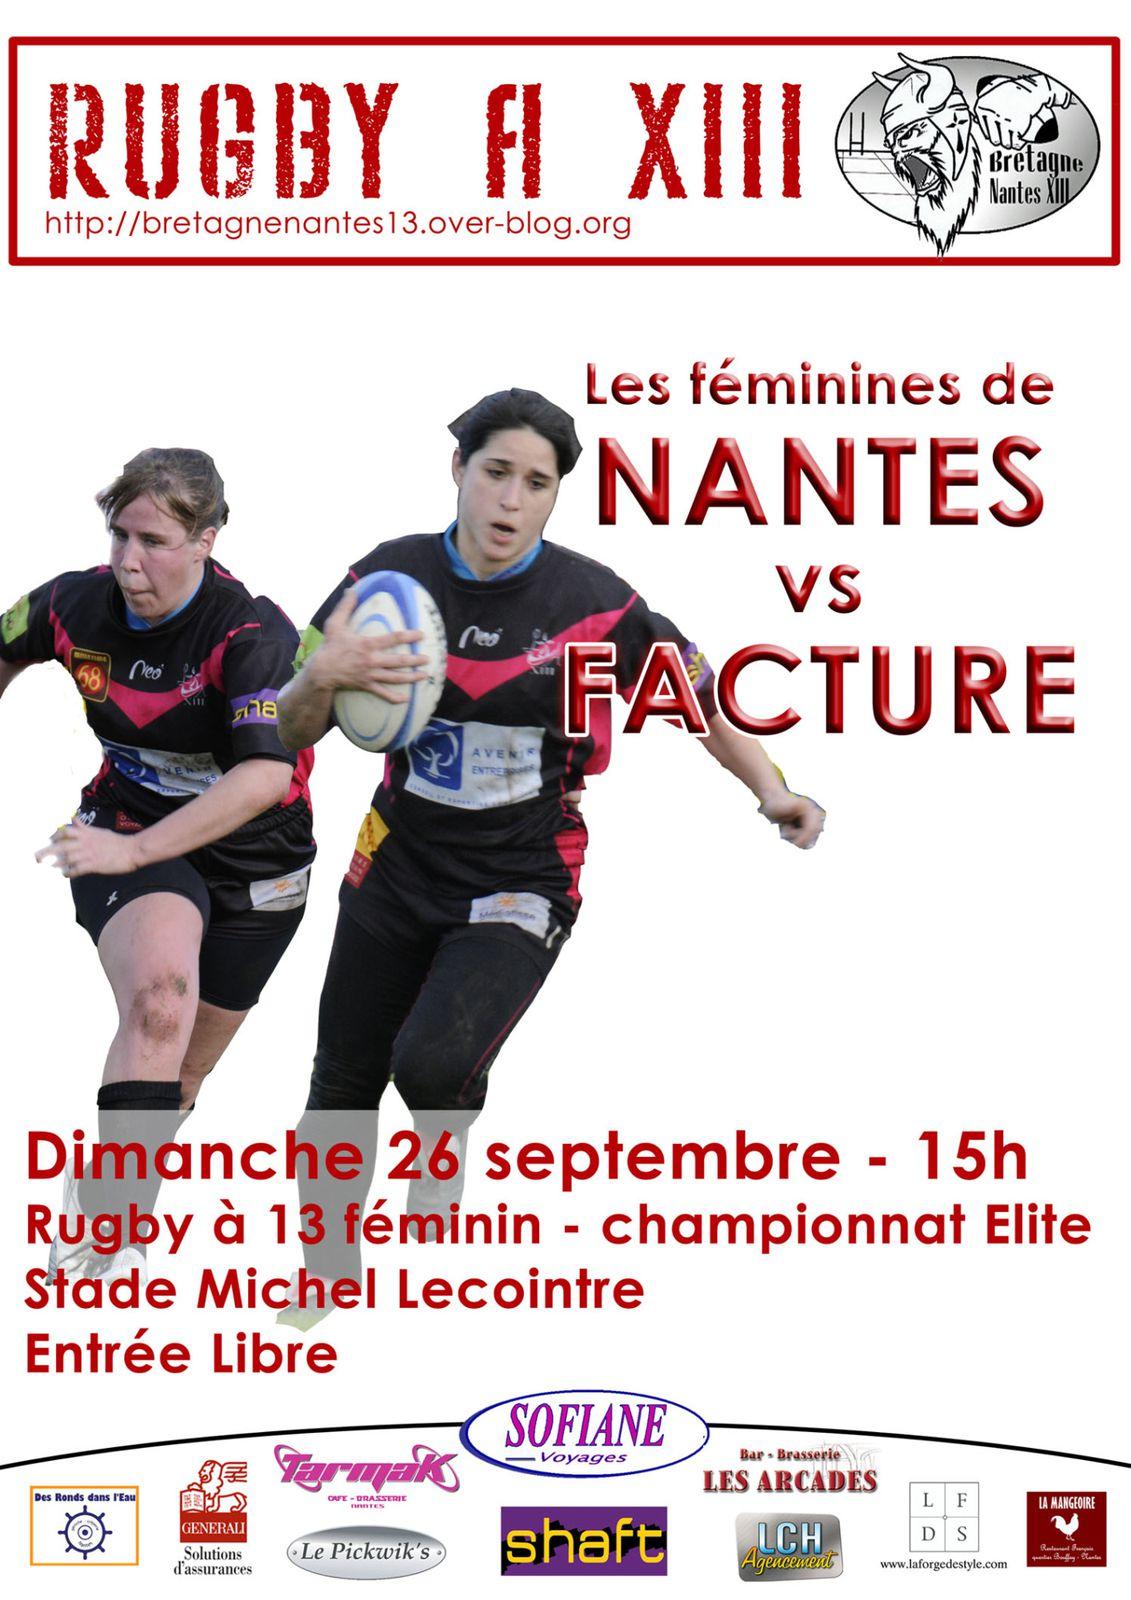 Nantes---Facture-bd.jpg